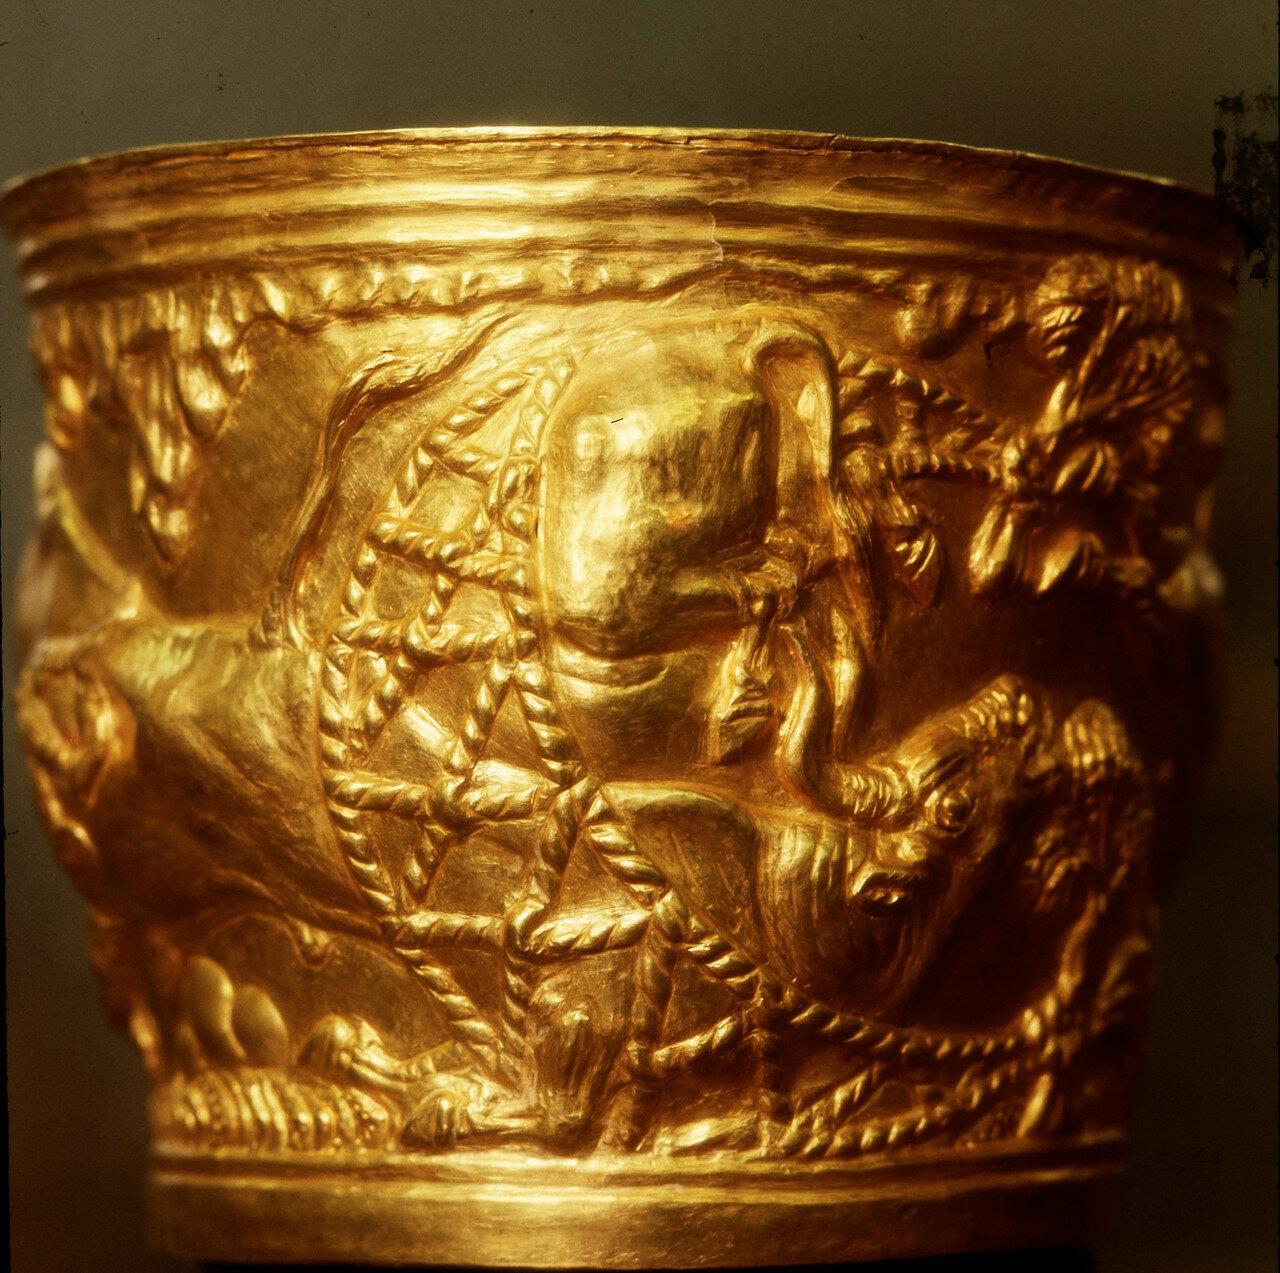 Золотая чаша из Вафио. Дикие животные, пойманные в сети. Из гробницы-толоса в Вафио в Лаконике. Рельефный декор выполнен критским мастером, работавшим в «натуралистическом» стиле, типичном для минойского искусства XV в. до н.э.